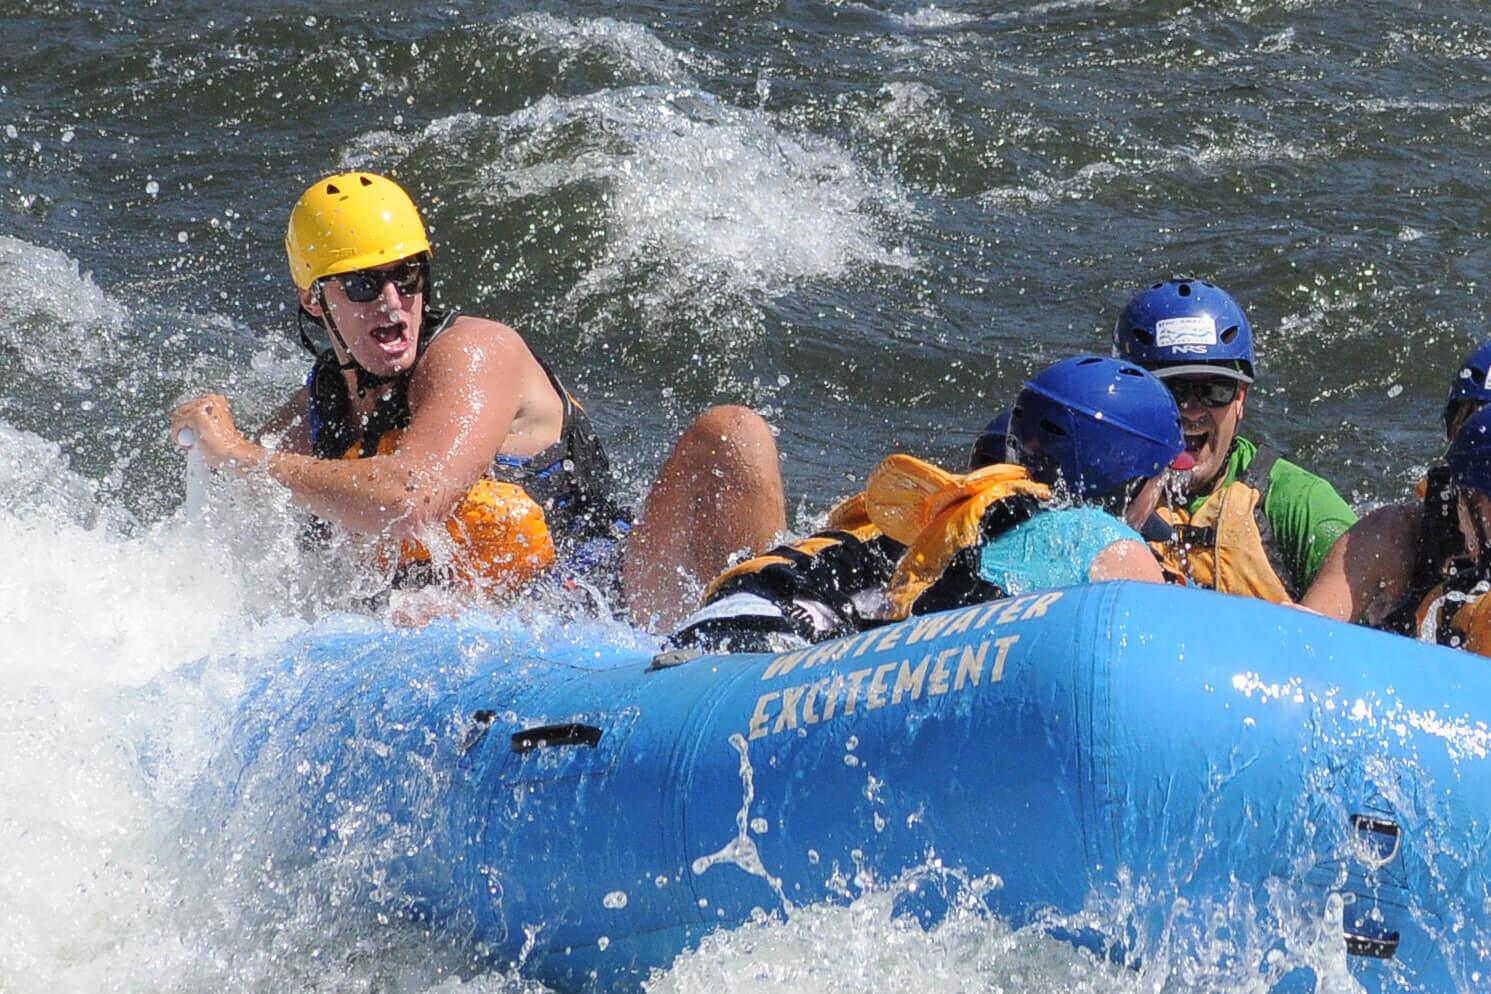 Jake Watkins smiles while whitewater rafting through a rapid